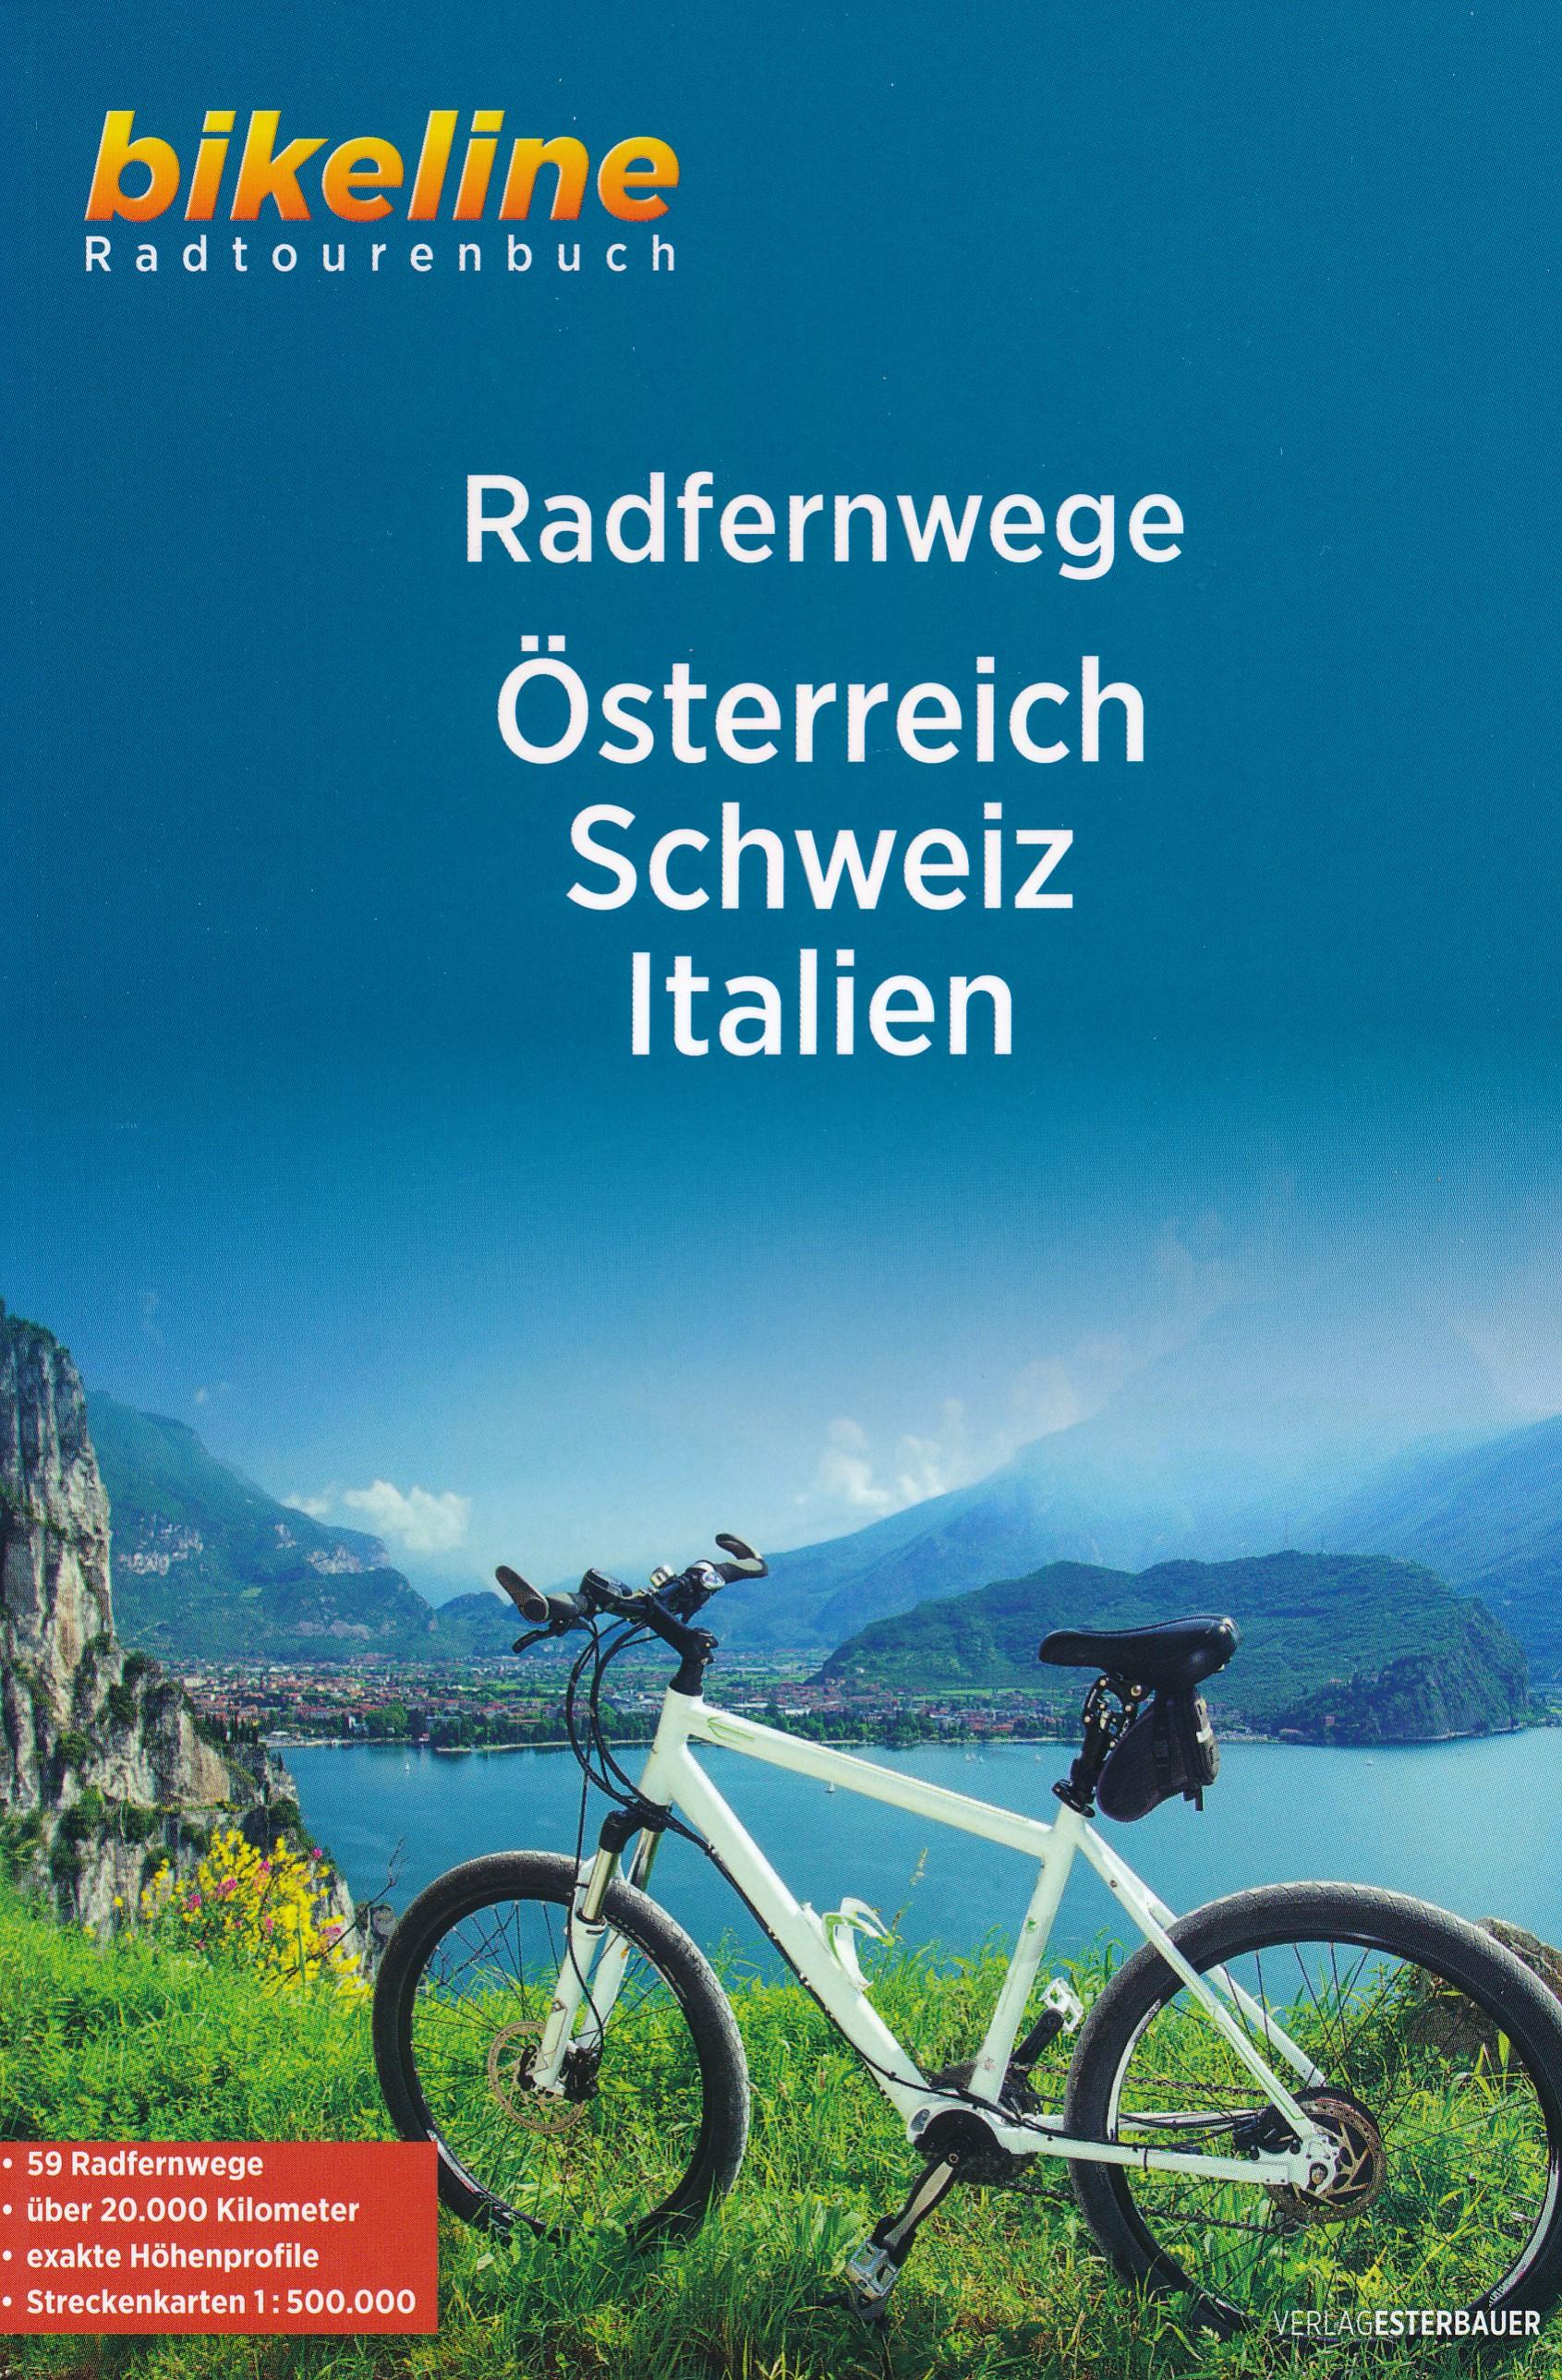 Fietsgids Bikeline Radfernwege Osterreich - Schweiz - Italien | Esterbauer